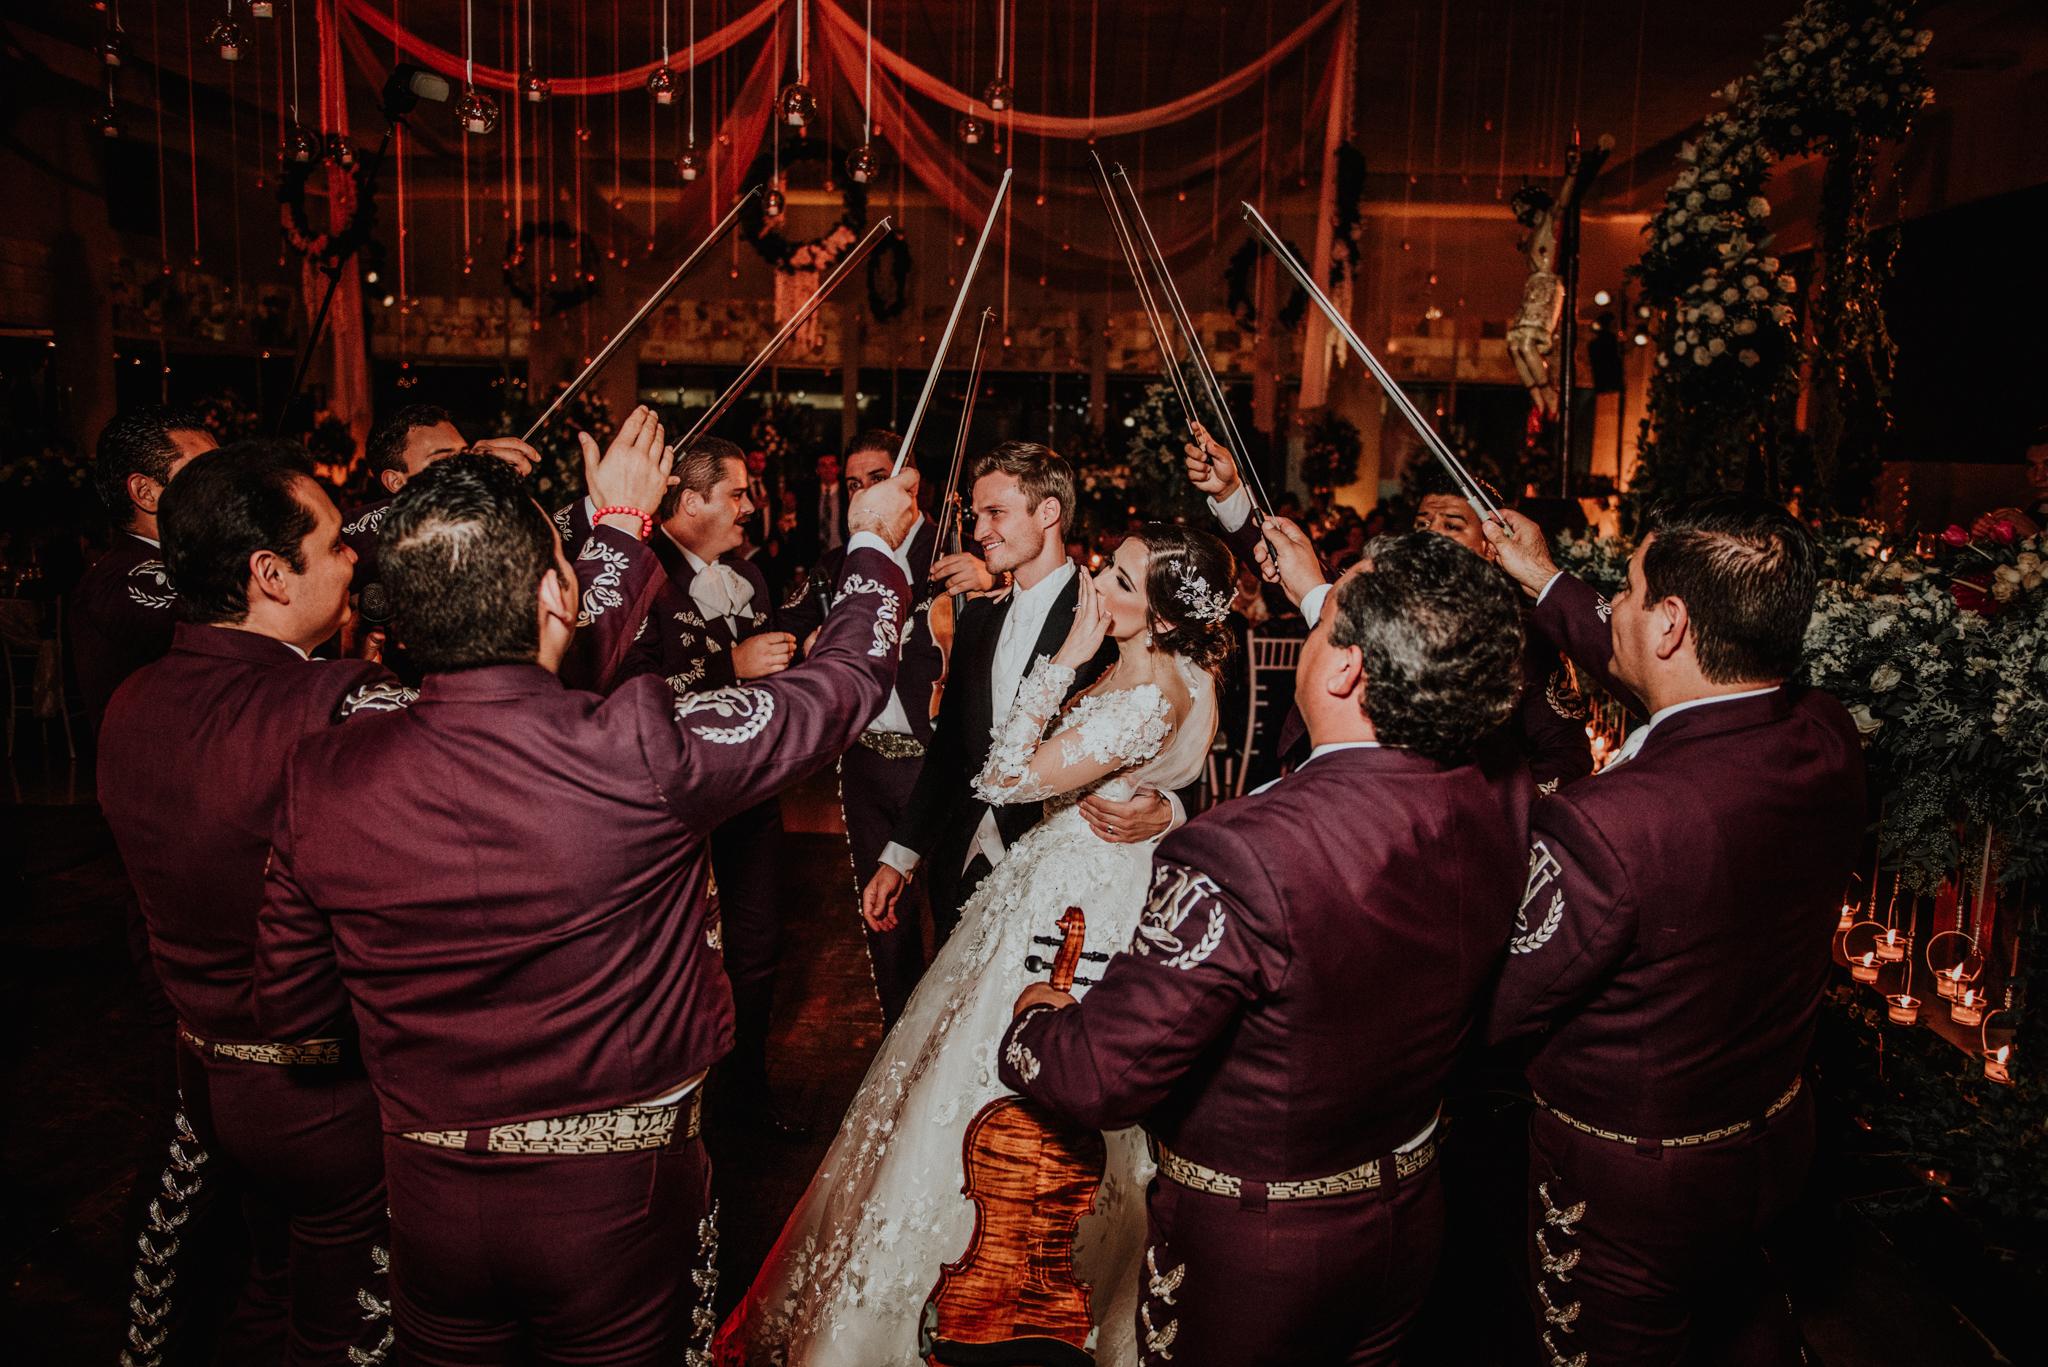 Fotógrafo de Bodas en Guadalajara Fotógrafo de Bodas Guanajuato   Fotógrafo de Bodas Querétaro Fotógrafo de Bodas Los Cabos Mexico Fotos de Bodas Guadalajara Fotos de Bodas Guanajuato